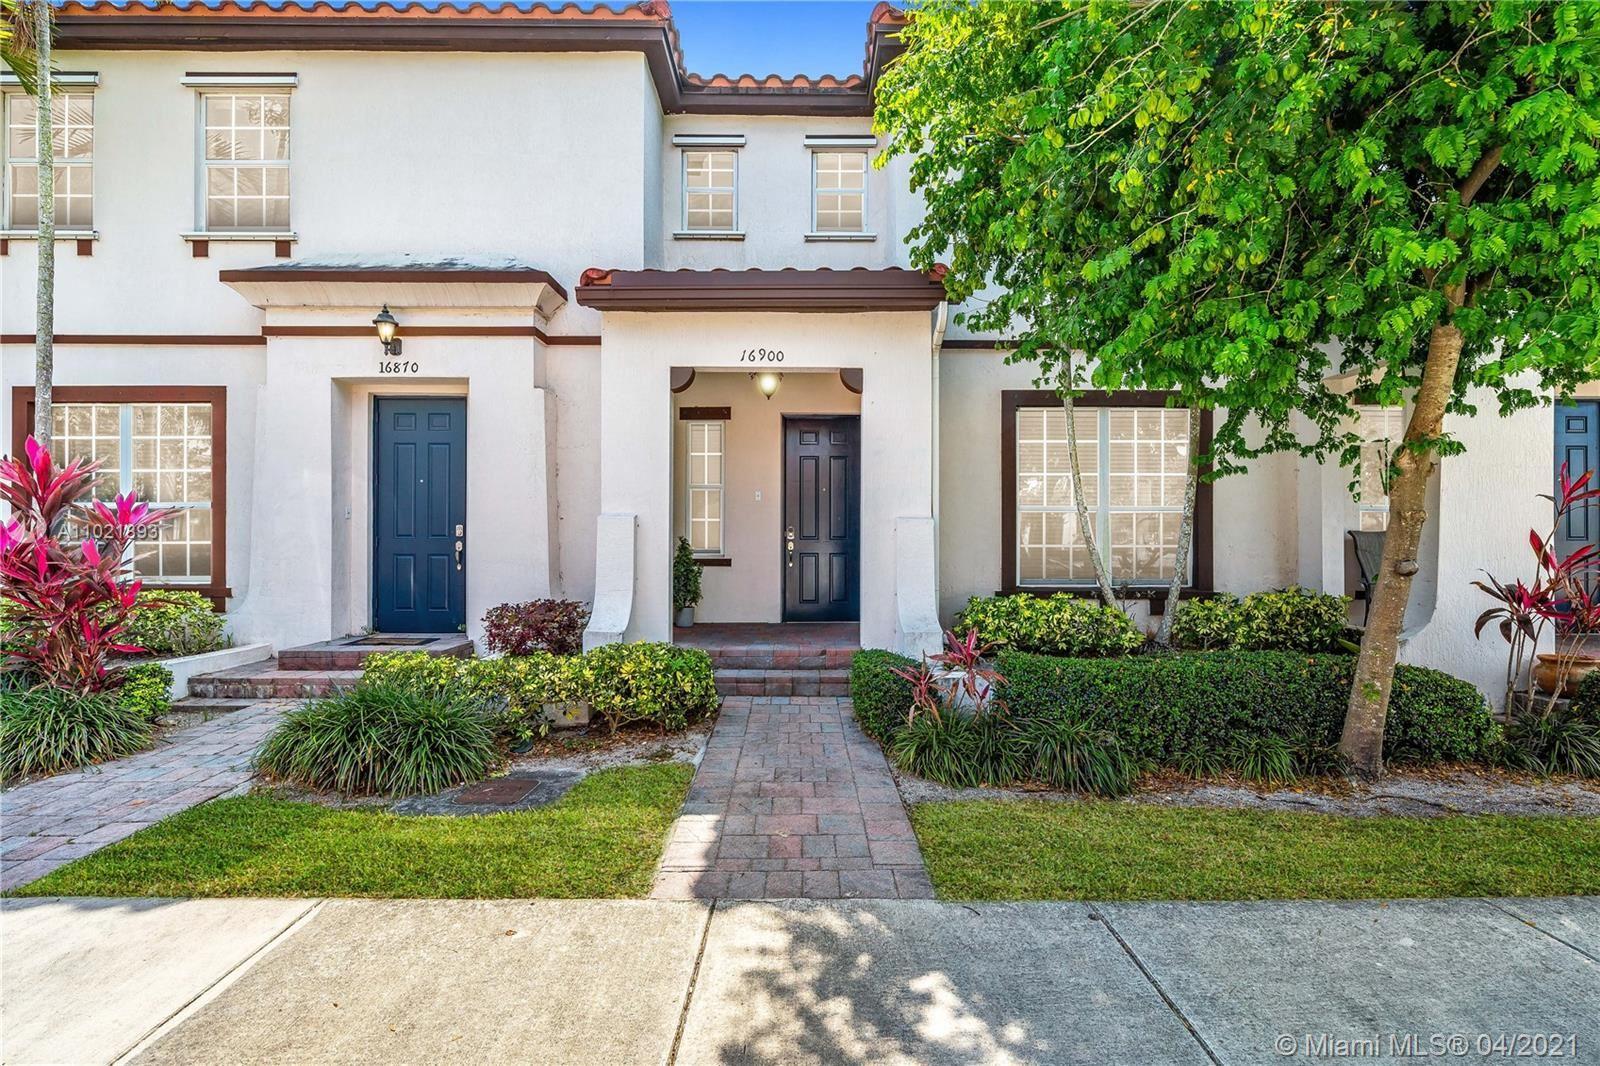 16900 SW 95th St, Miami, FL 33196 - #: A11021893